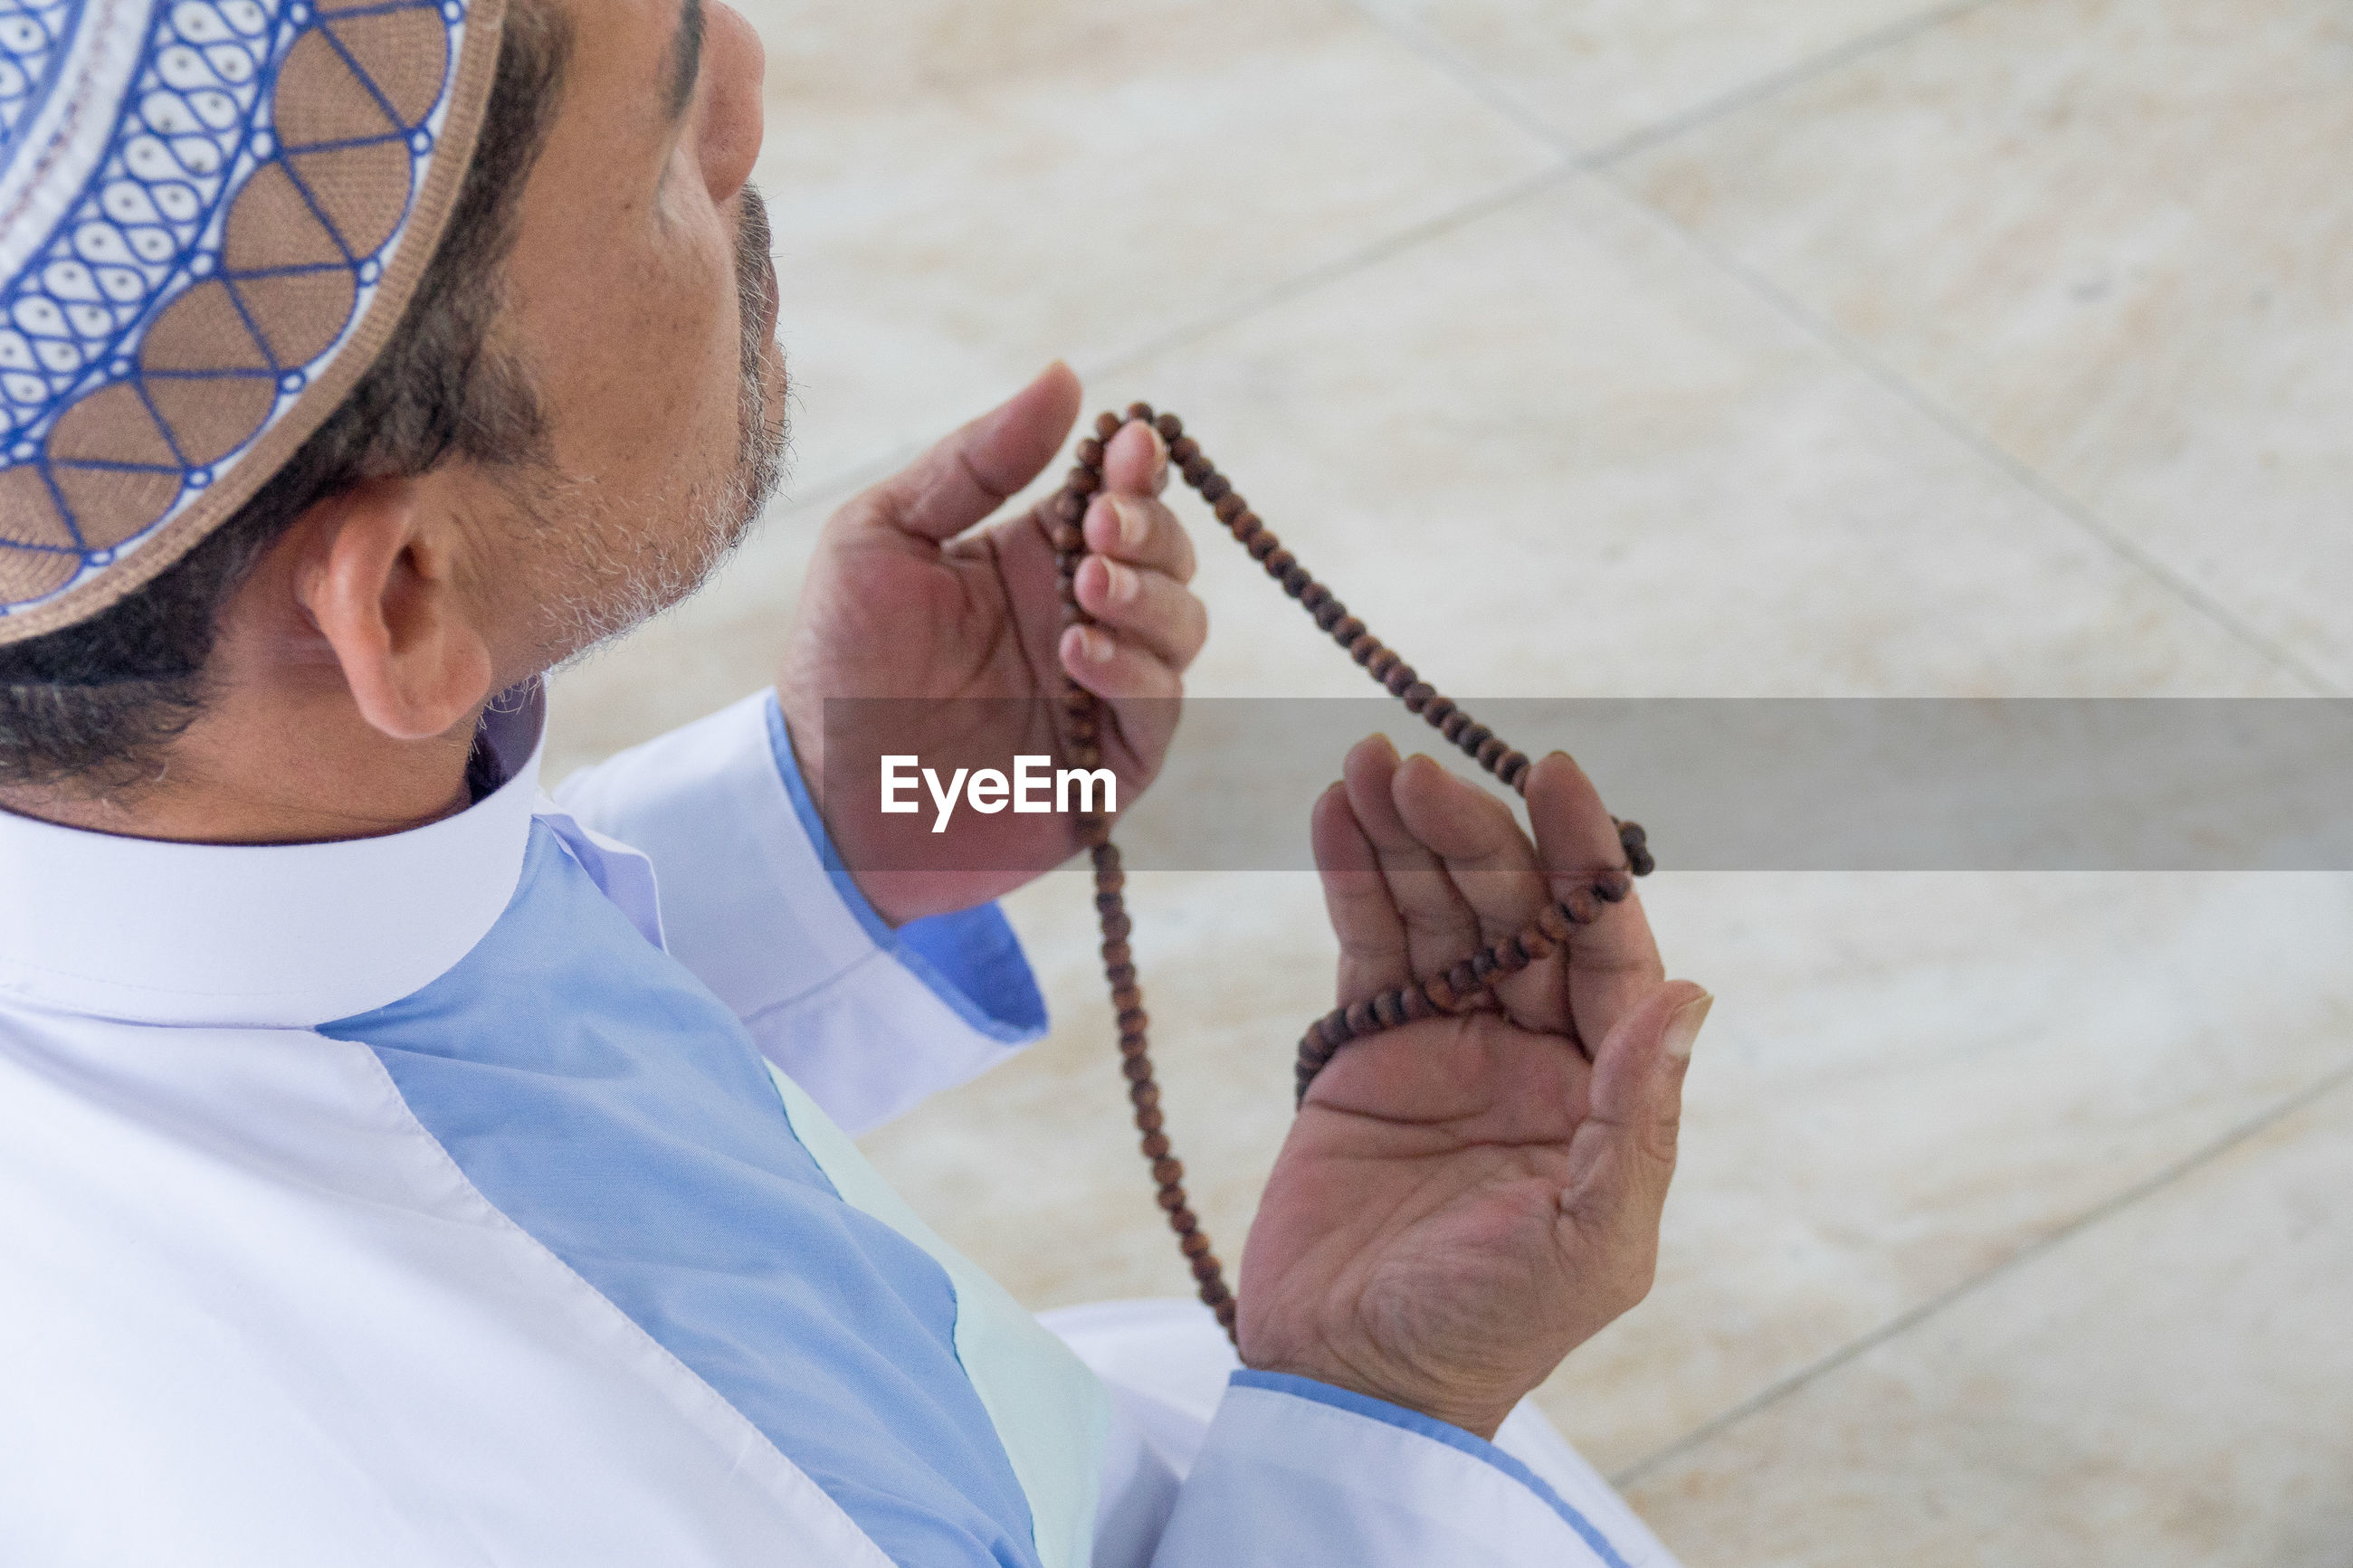 Man holding prayer beads while praying at mosque